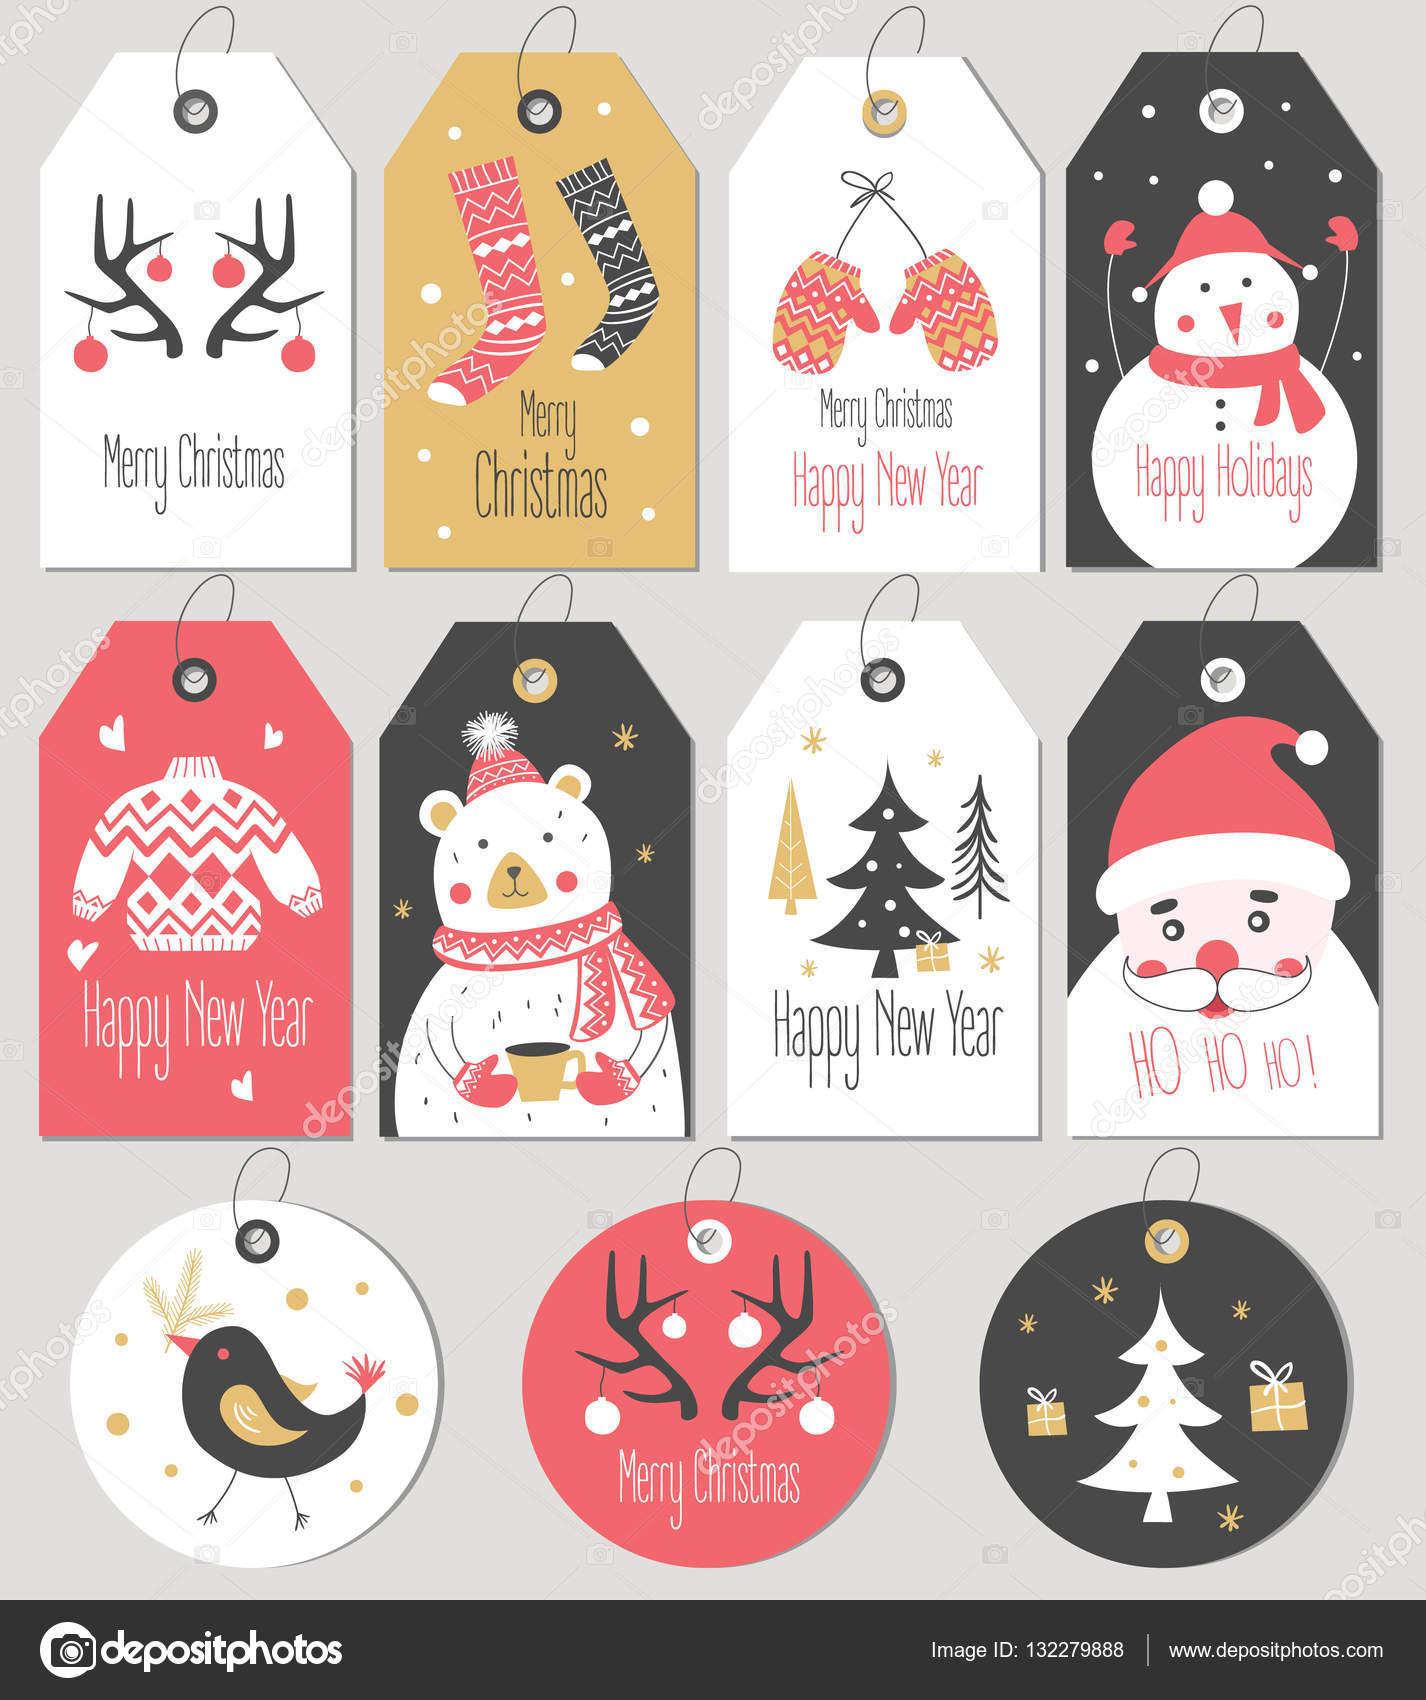 Geschenkanhänger Frohe Weihnachten.Frohe Weihnachten Und Neujahr Geschenkanhänger Und Karten